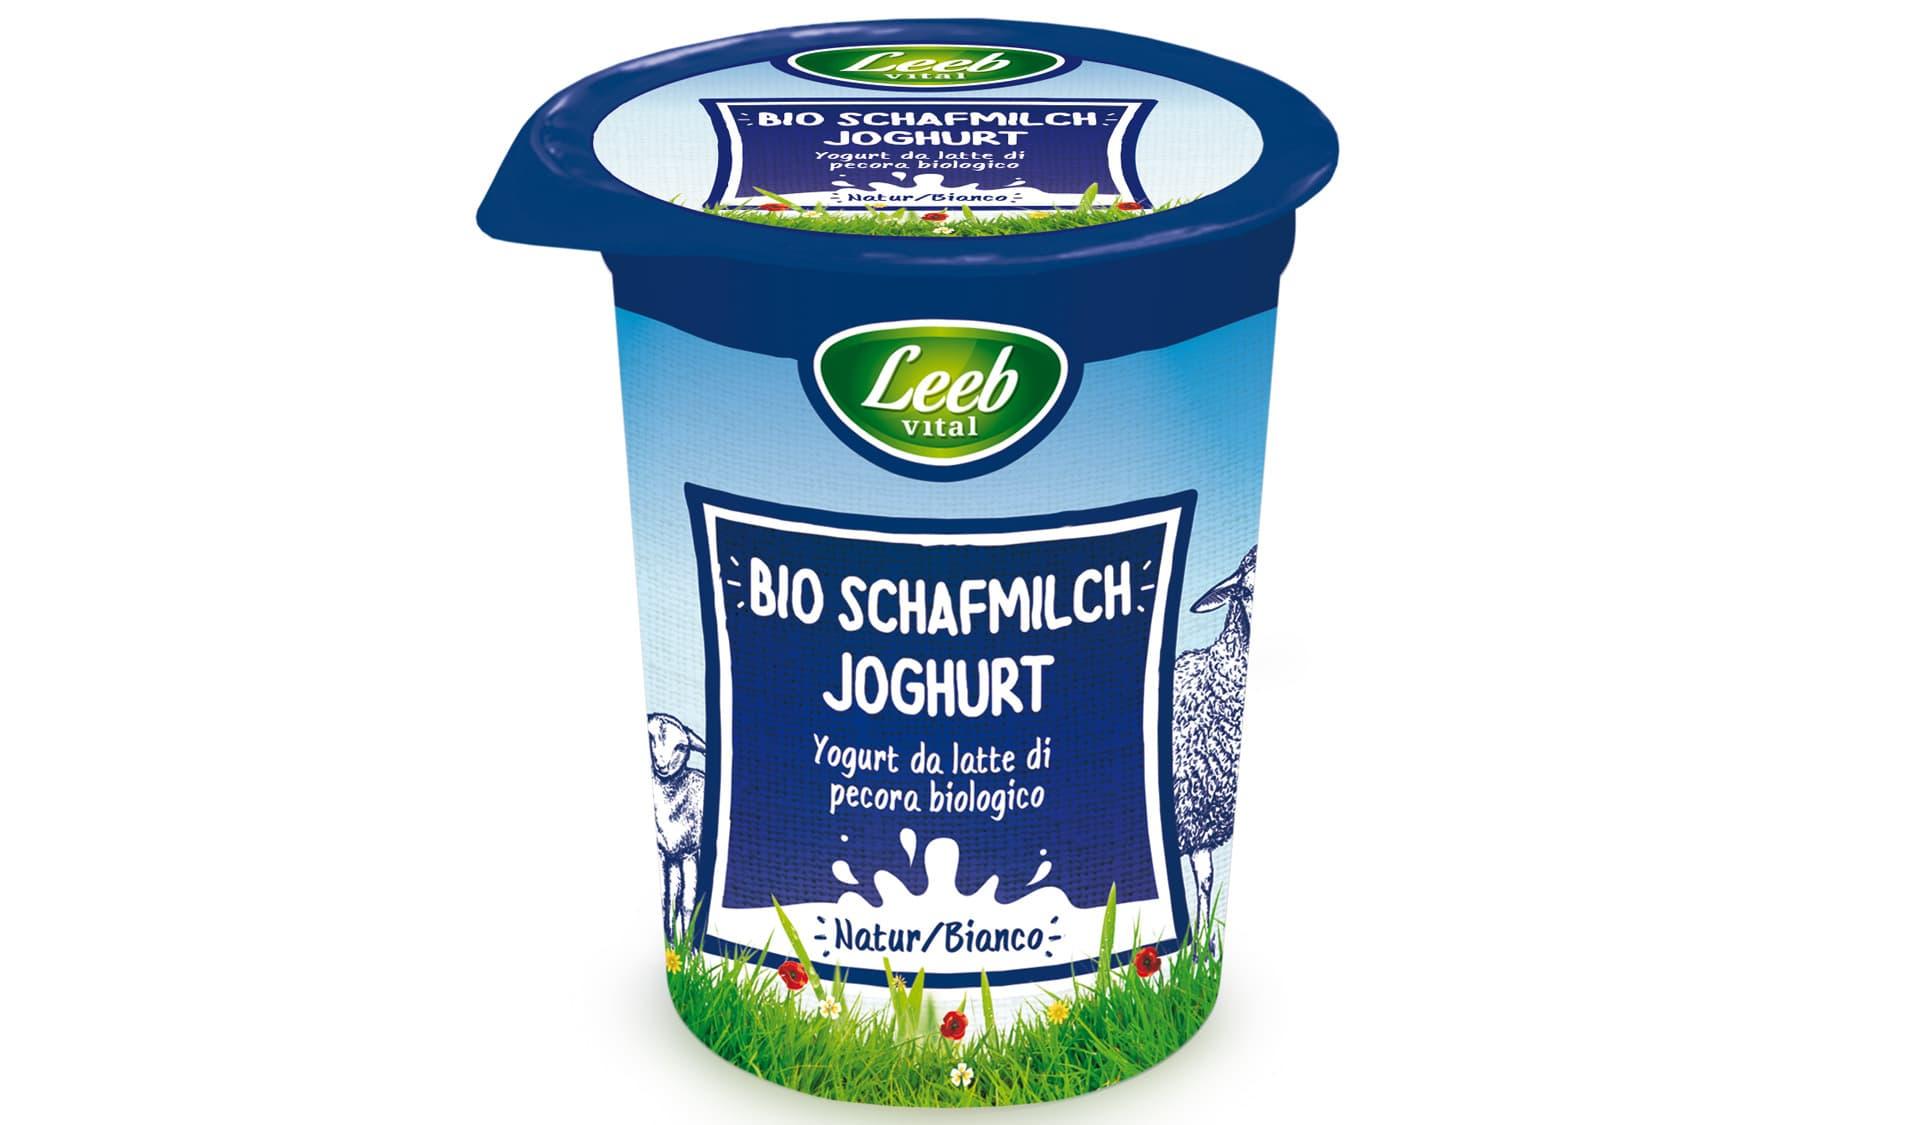 Bio Schafmilch Joghurt